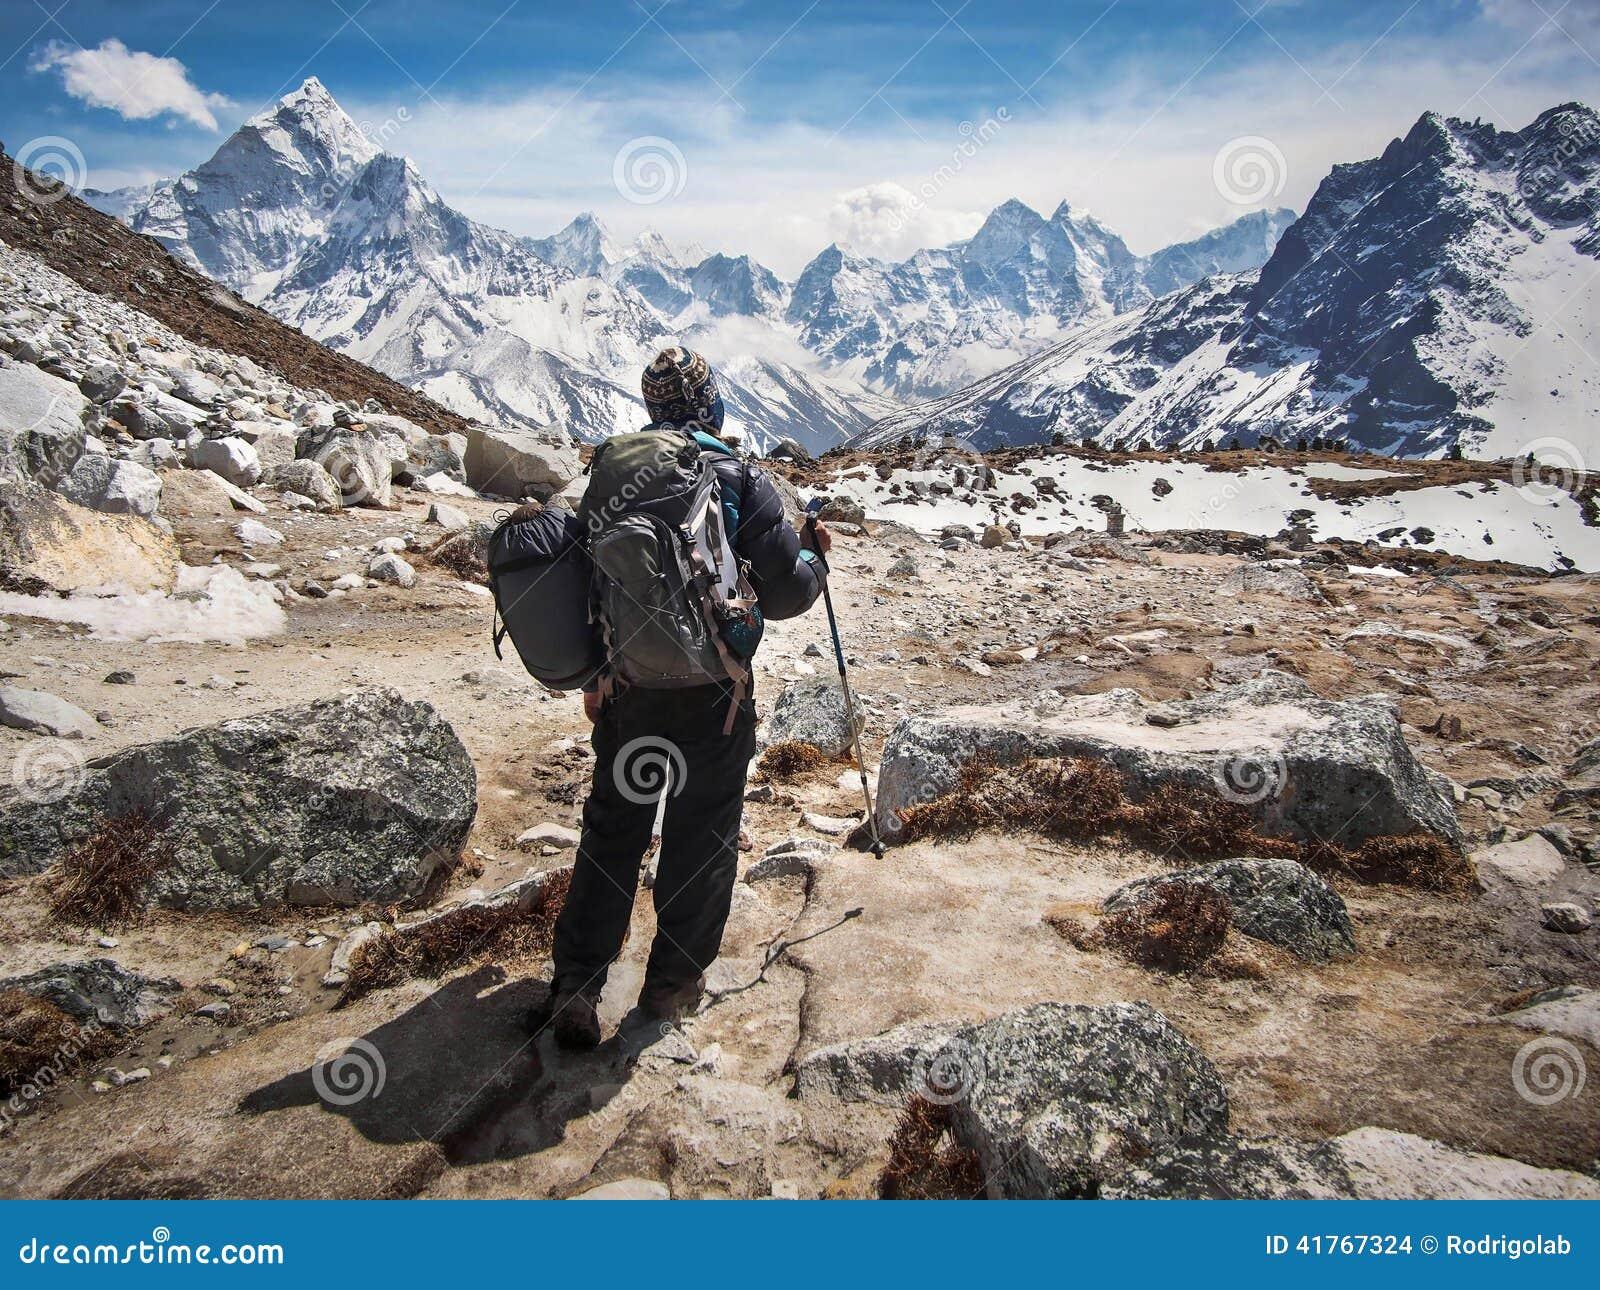 Trekker Walking the Everest Base Camp Trek in Nepal